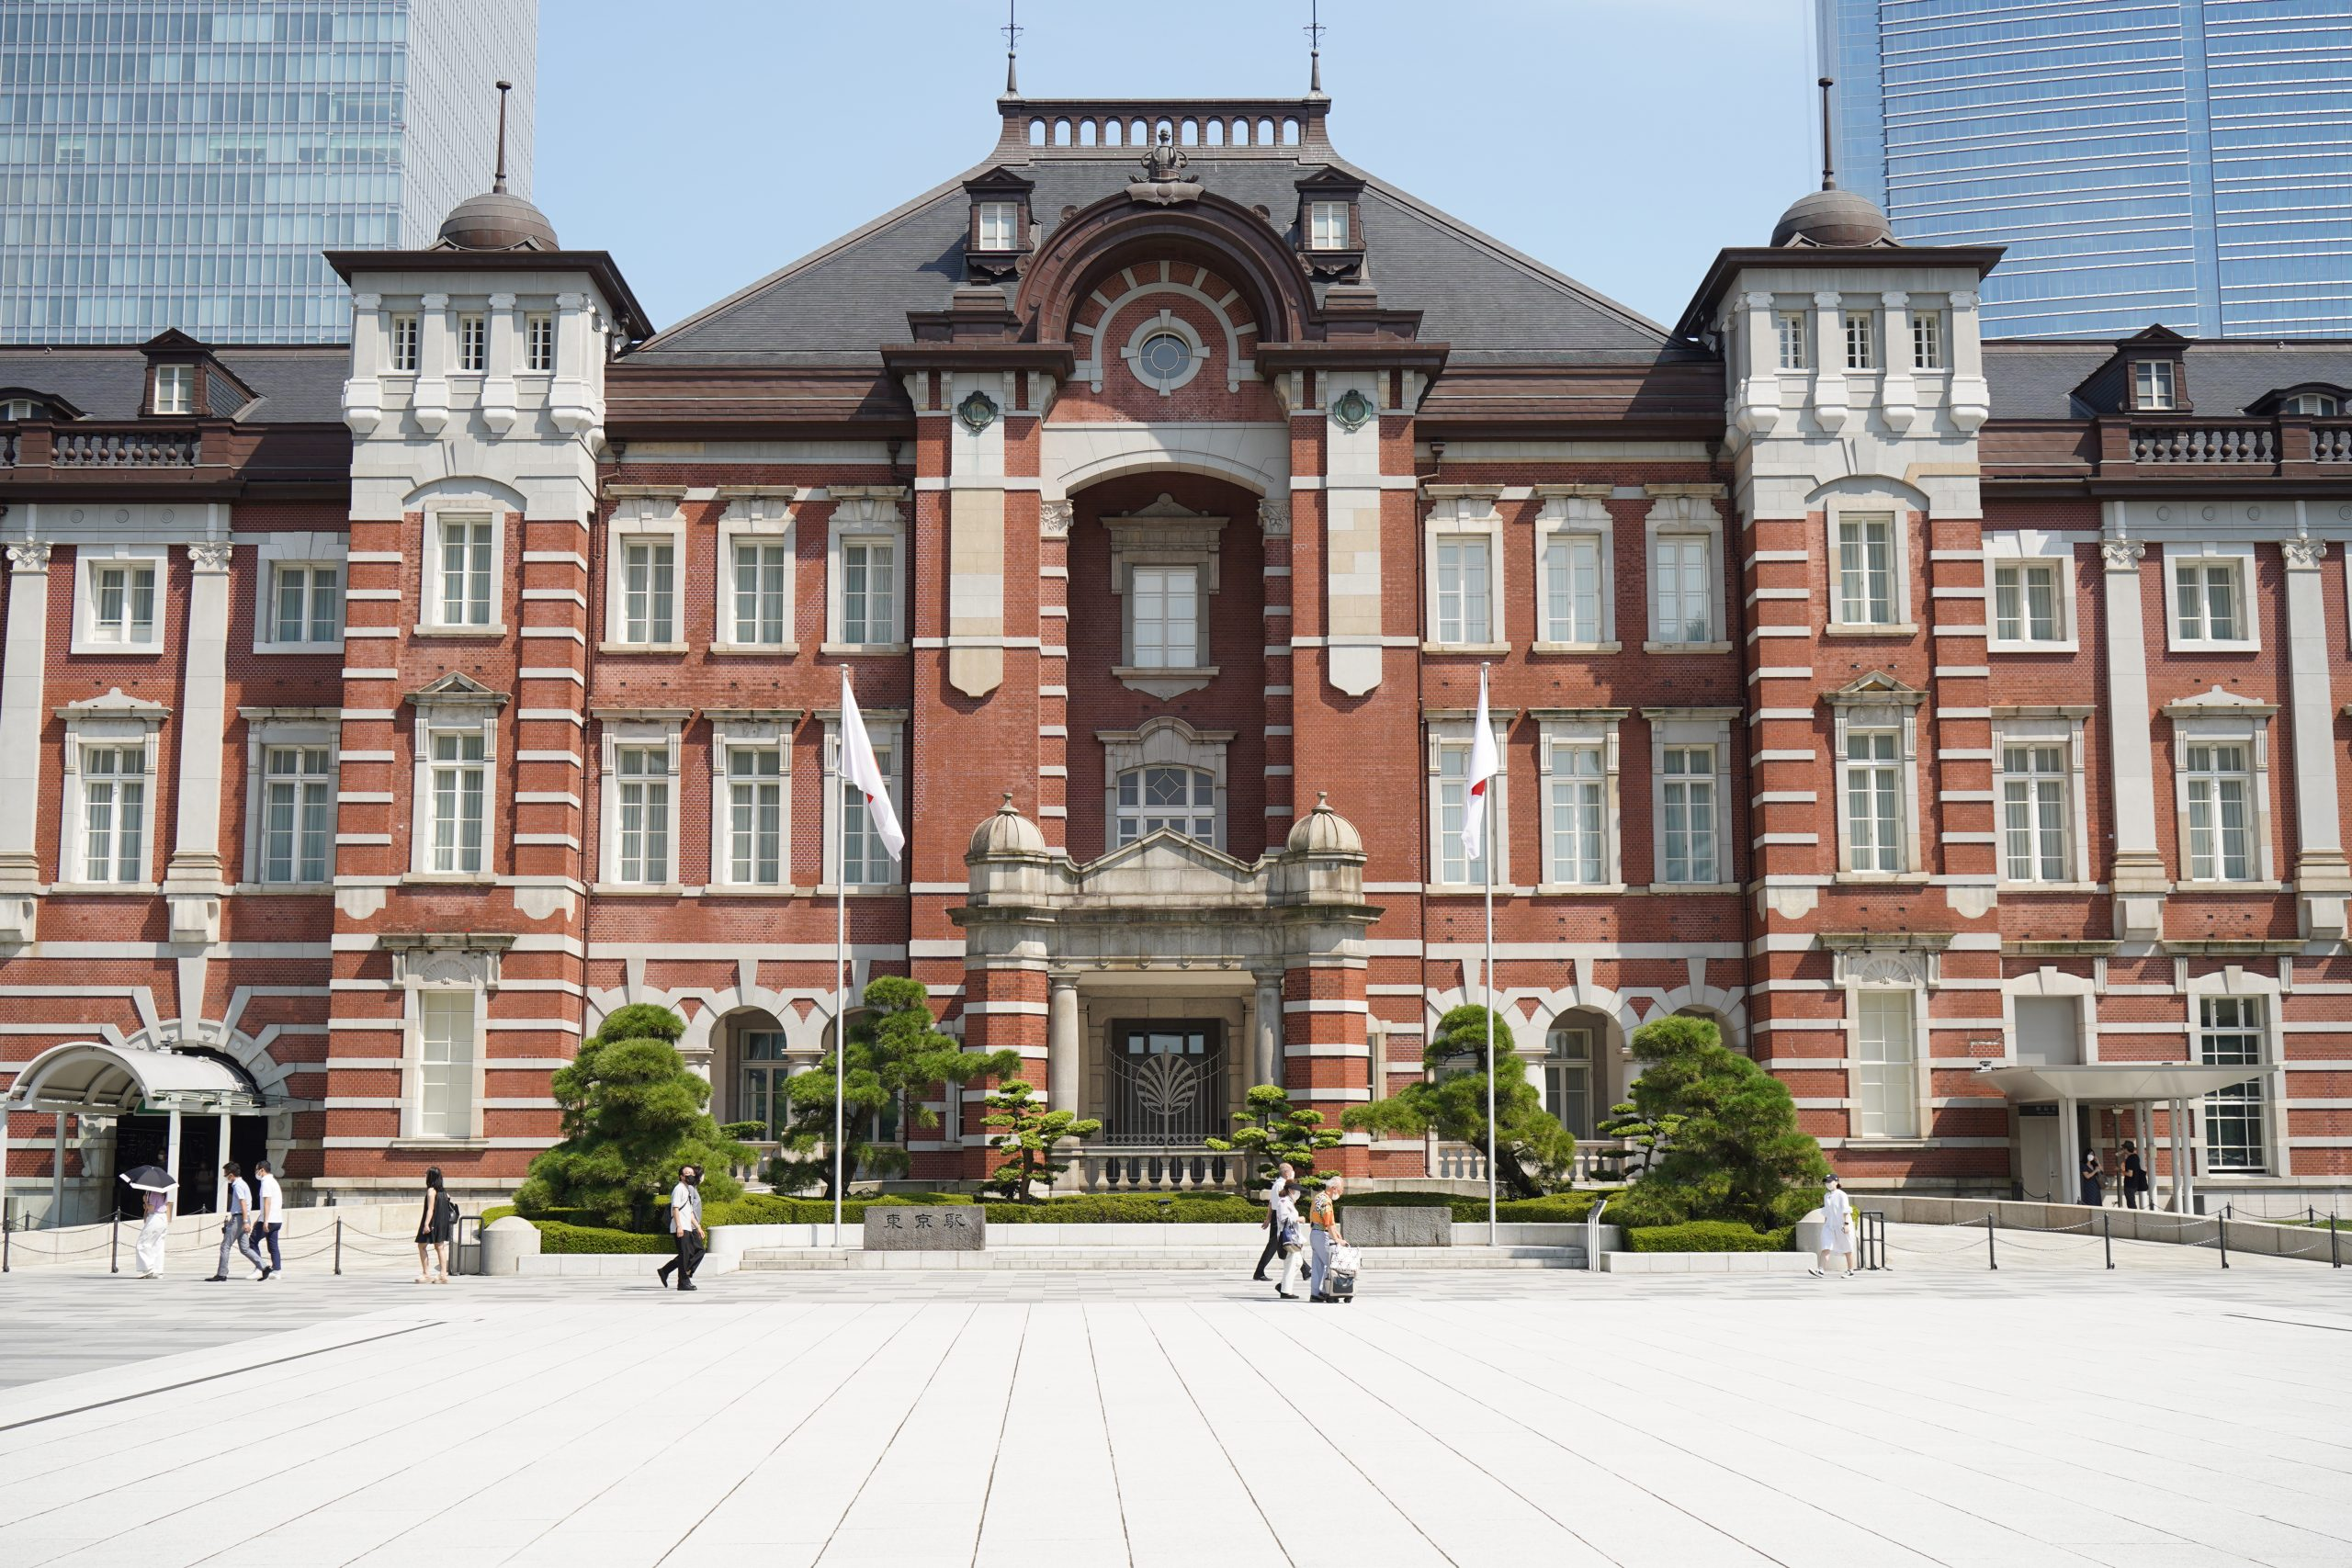 パンのトレンドが集まる場所、東京駅でお土産に買いたいパン7選